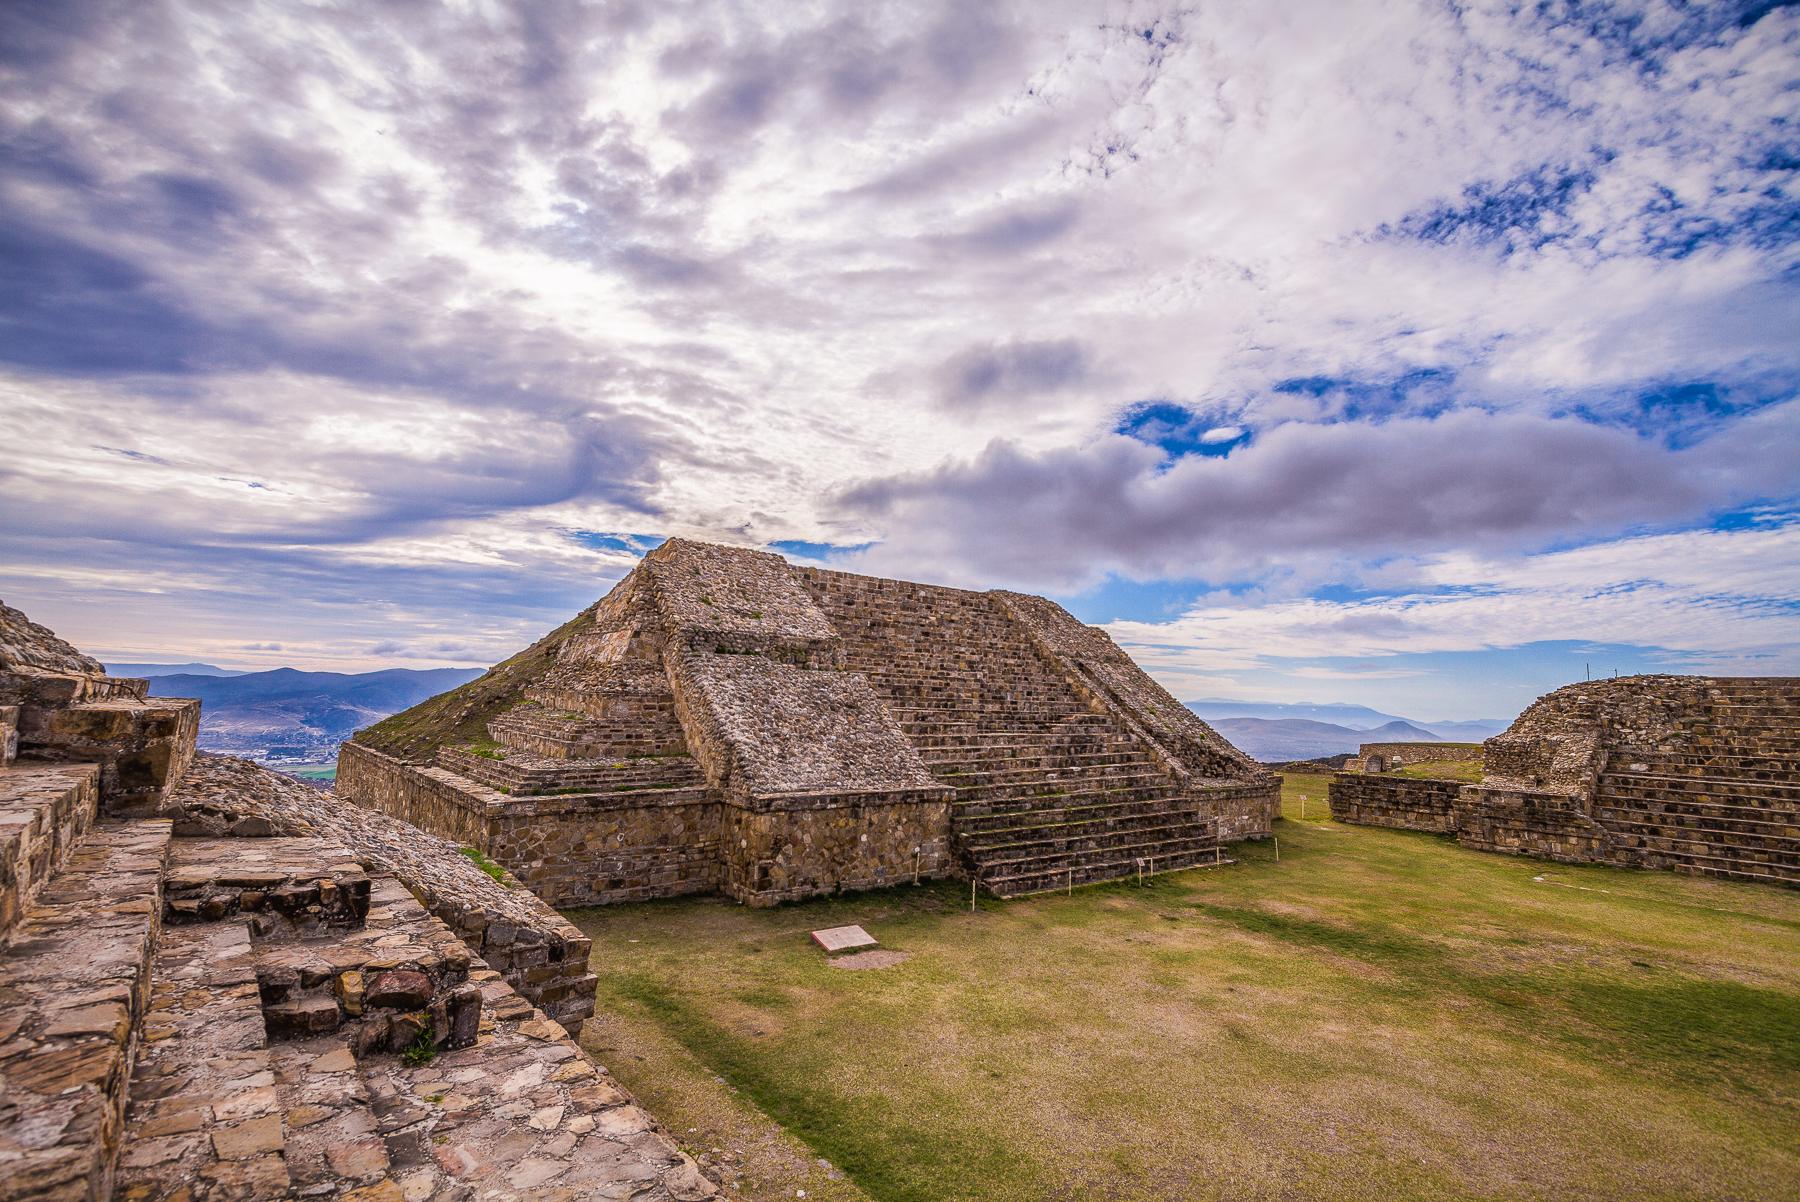 Zona Arqueológica de Monte Albán en Oaxaca.